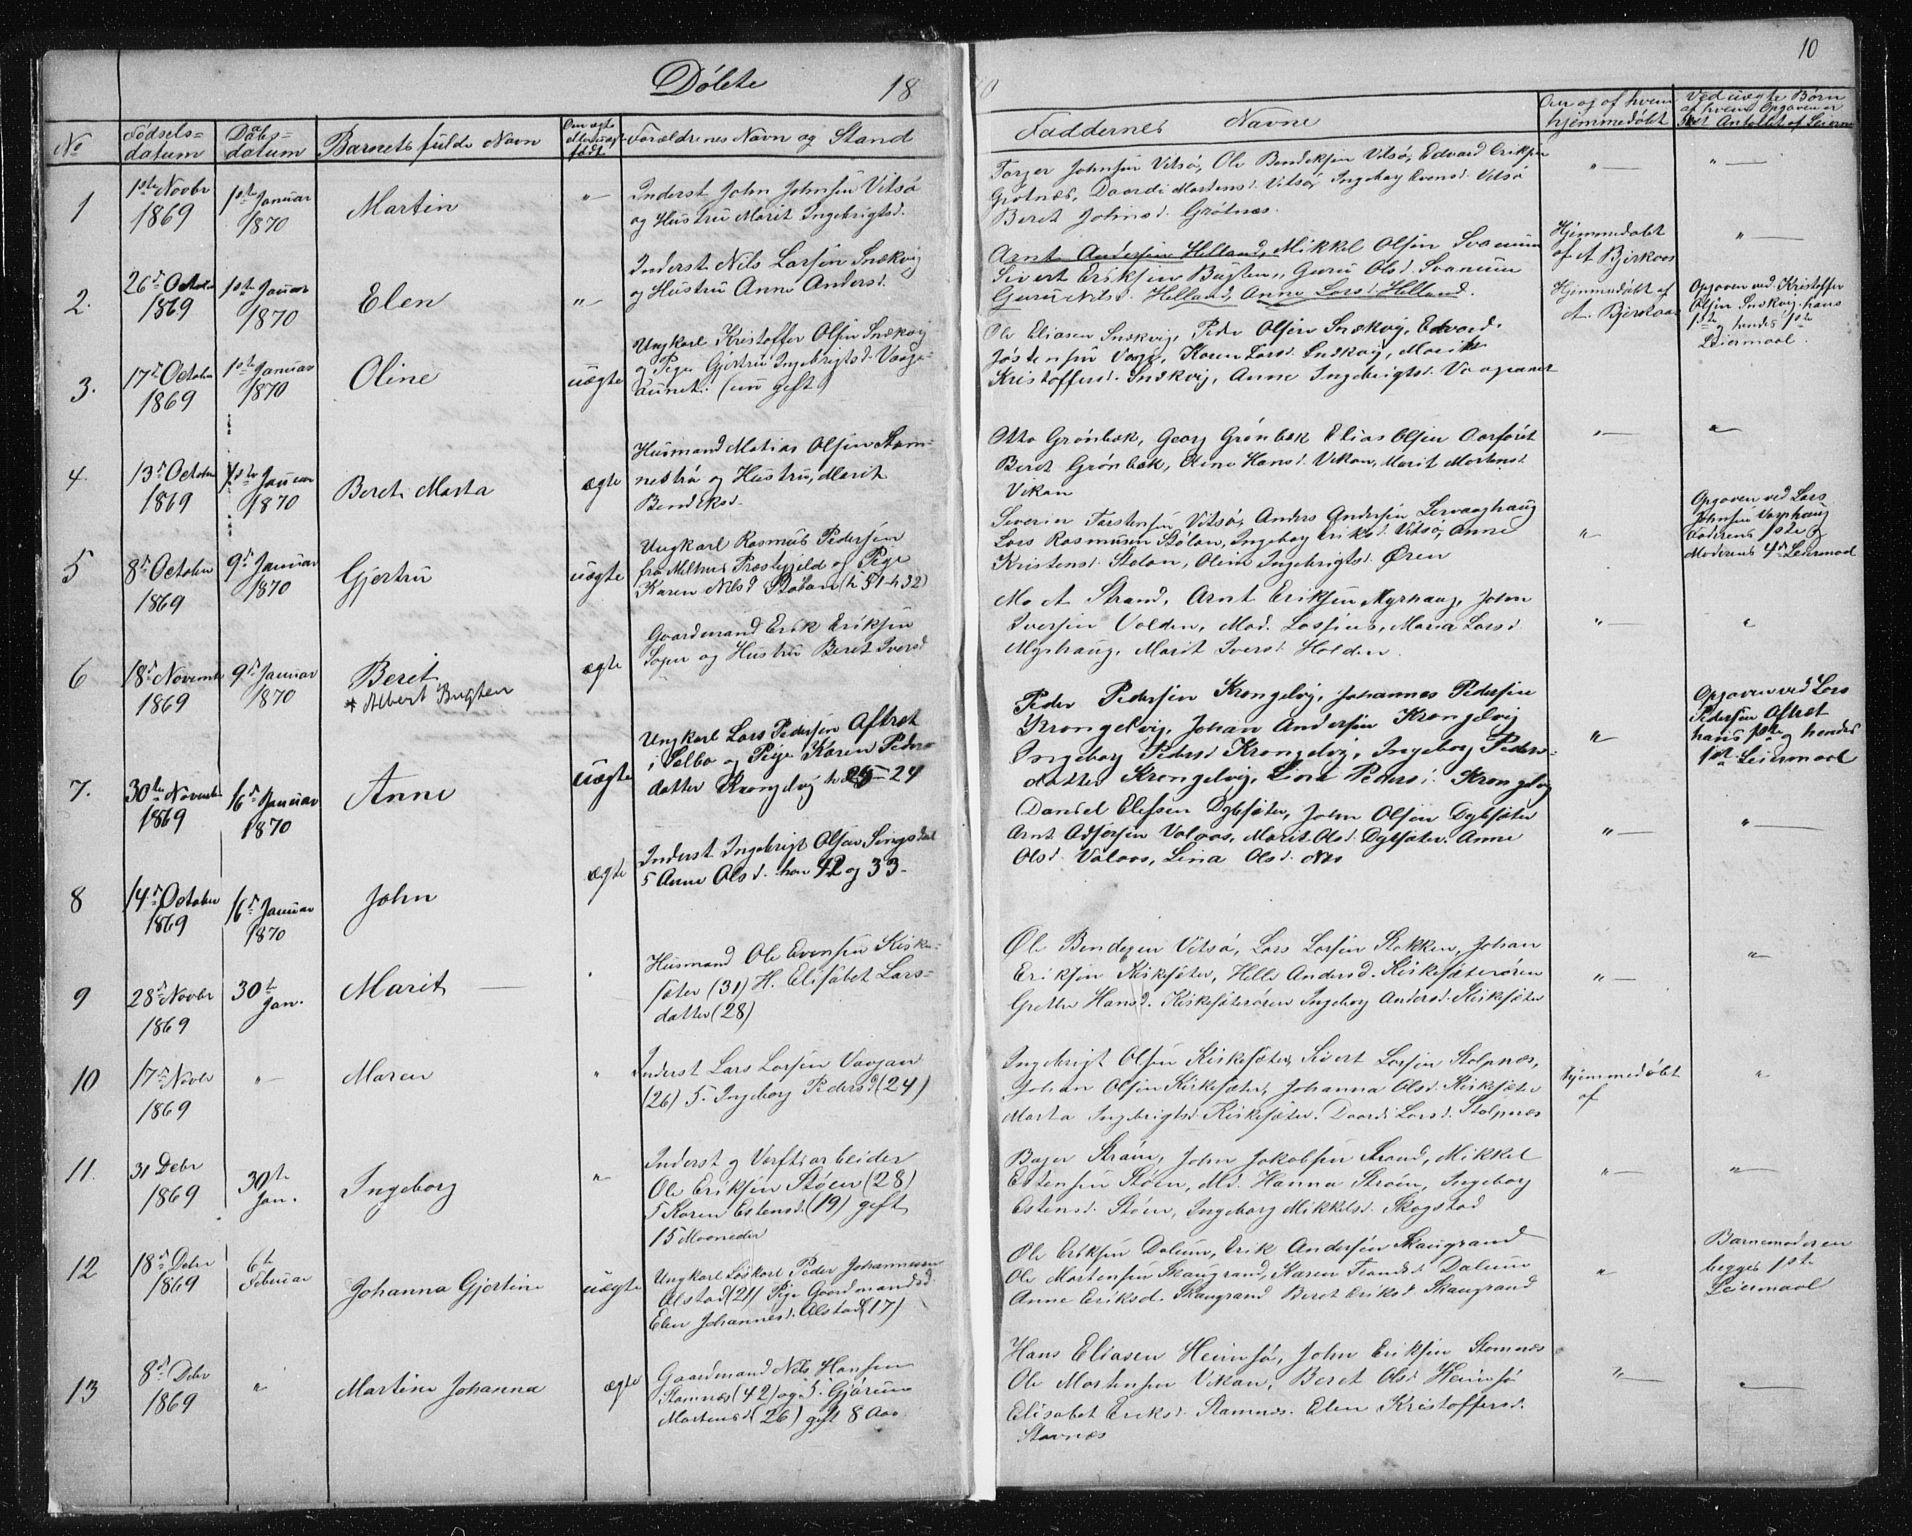 SAT, Ministerialprotokoller, klokkerbøker og fødselsregistre - Sør-Trøndelag, 630/L0503: Klokkerbok nr. 630C01, 1869-1878, s. 10